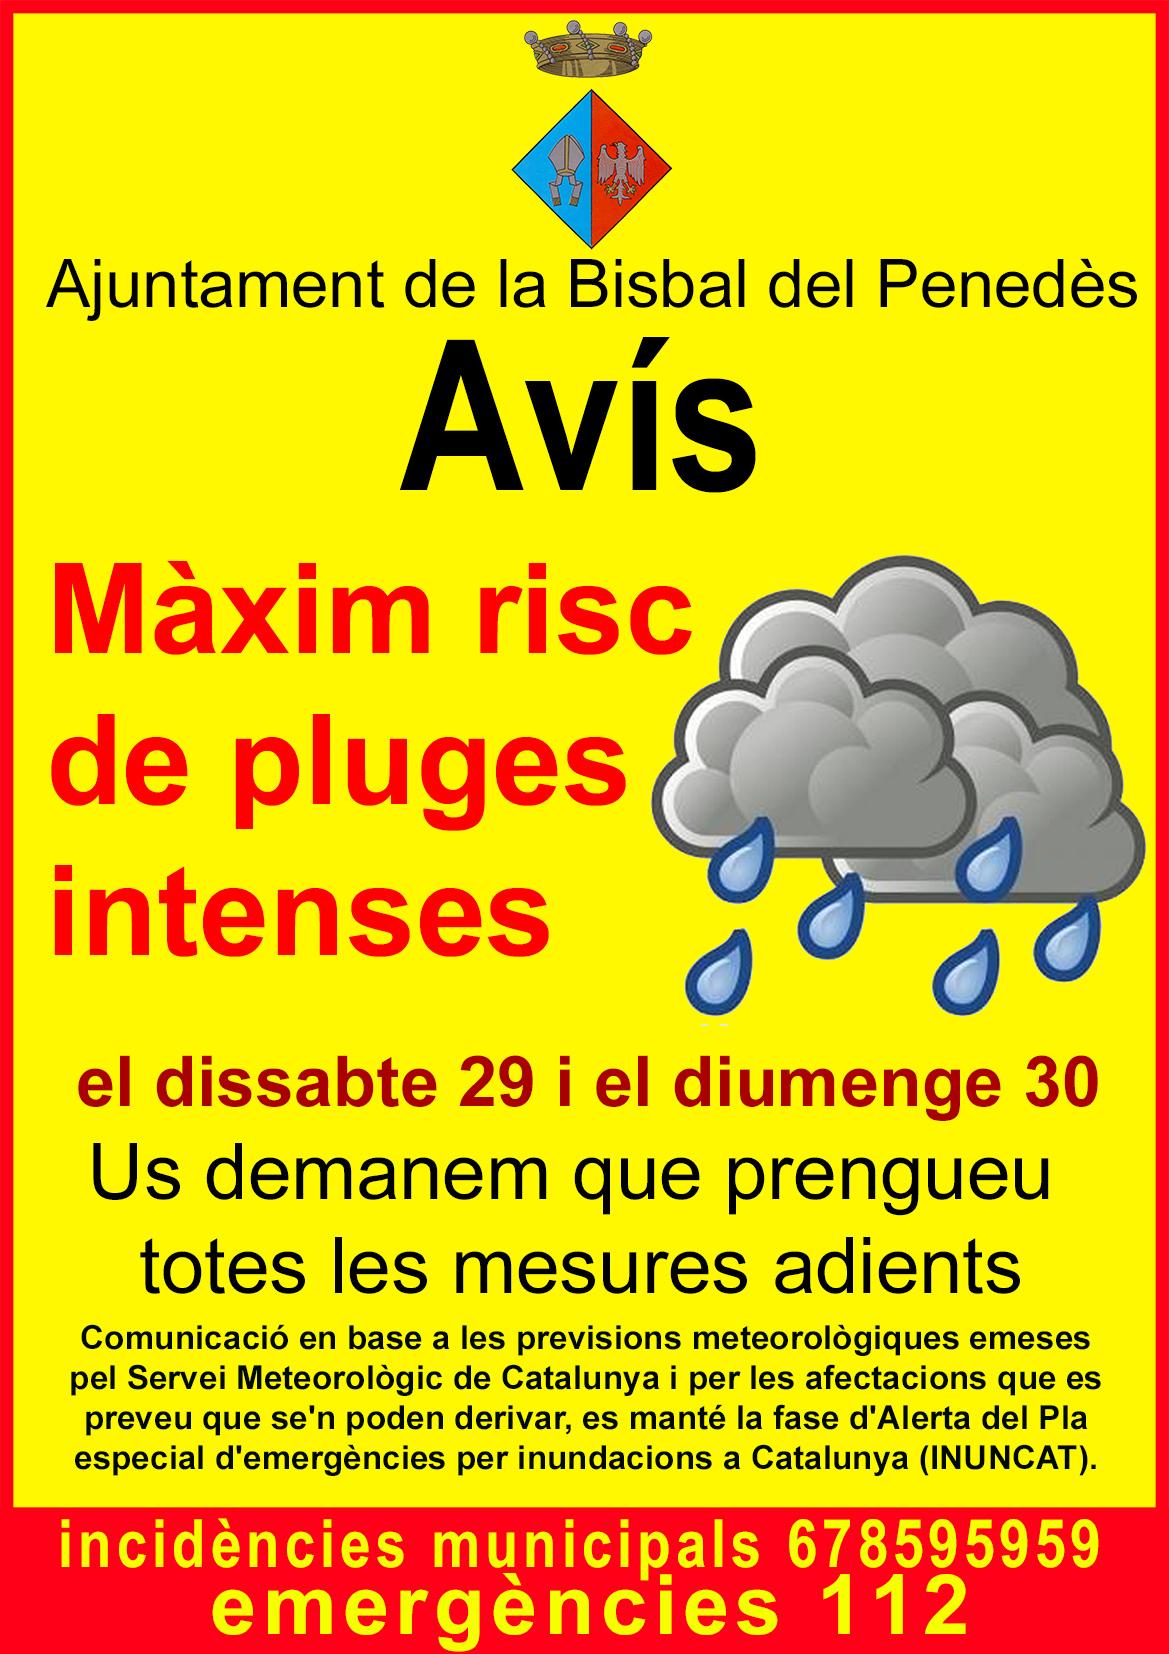 Ajuntament de la bisbal del pened s risc de pluges intenses - Tiempo la bisbal del penedes ...